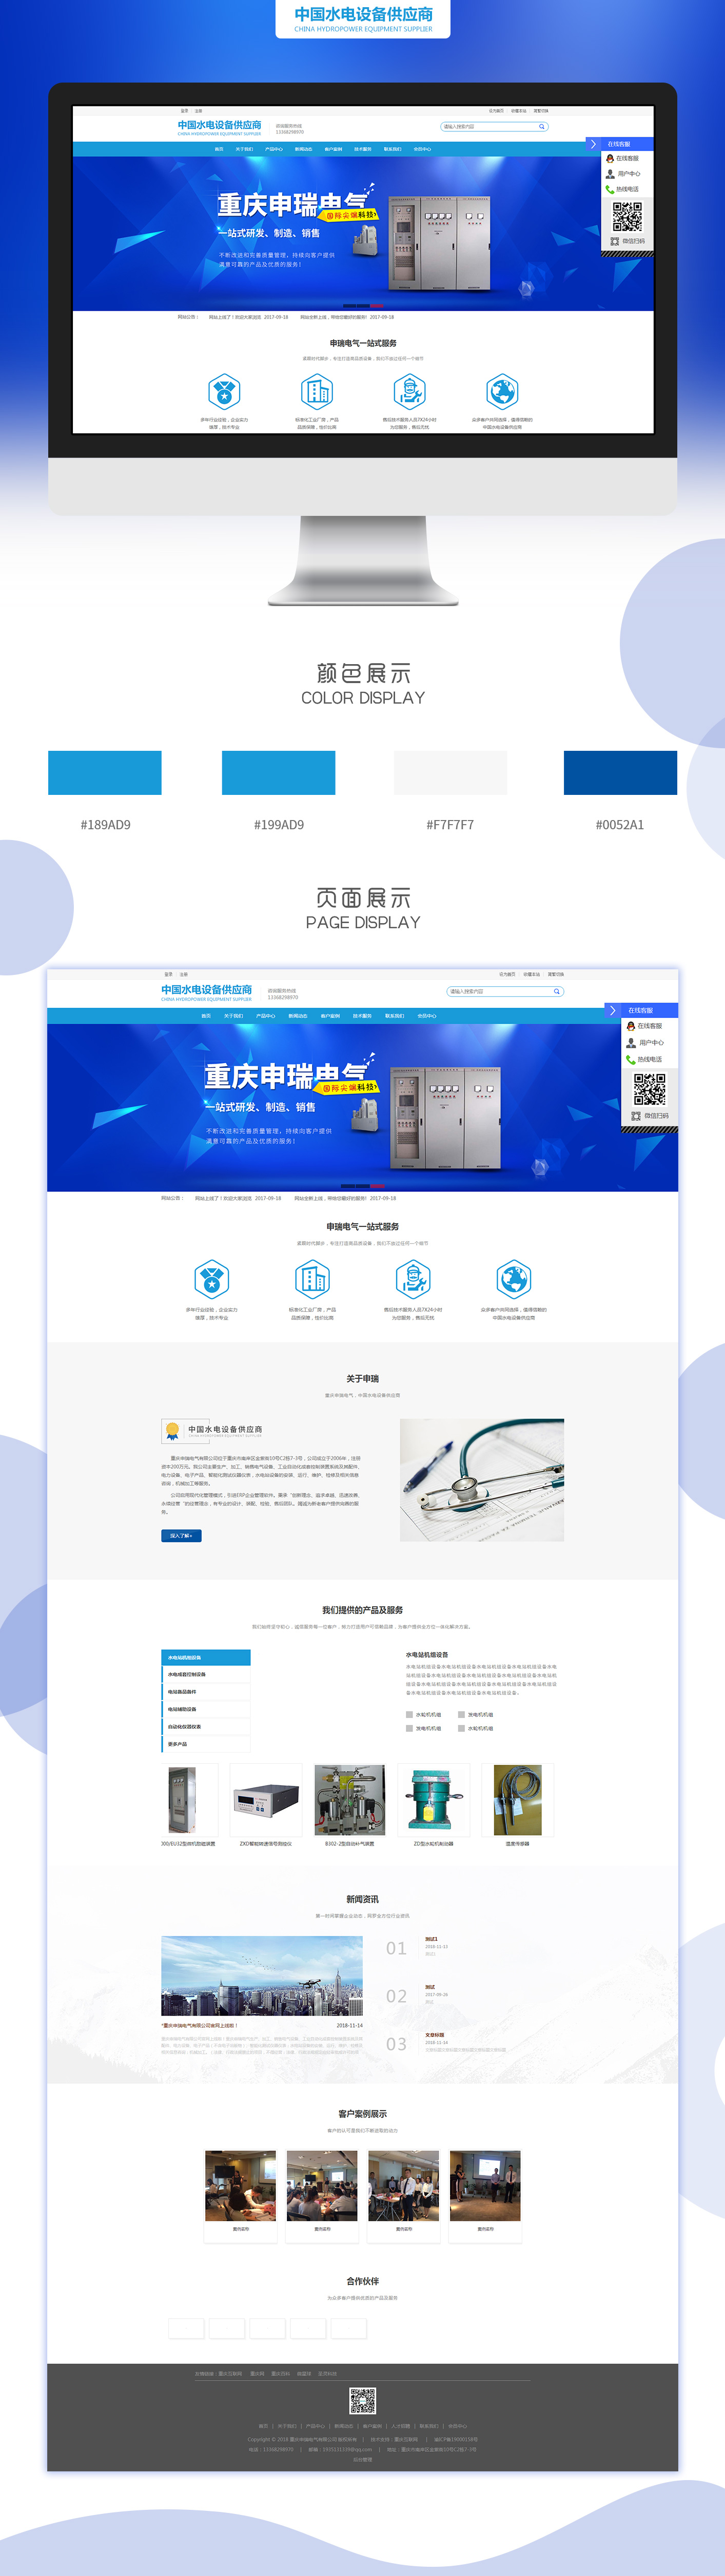 雷竞技注册朗圆水电设备有限公司.jpg